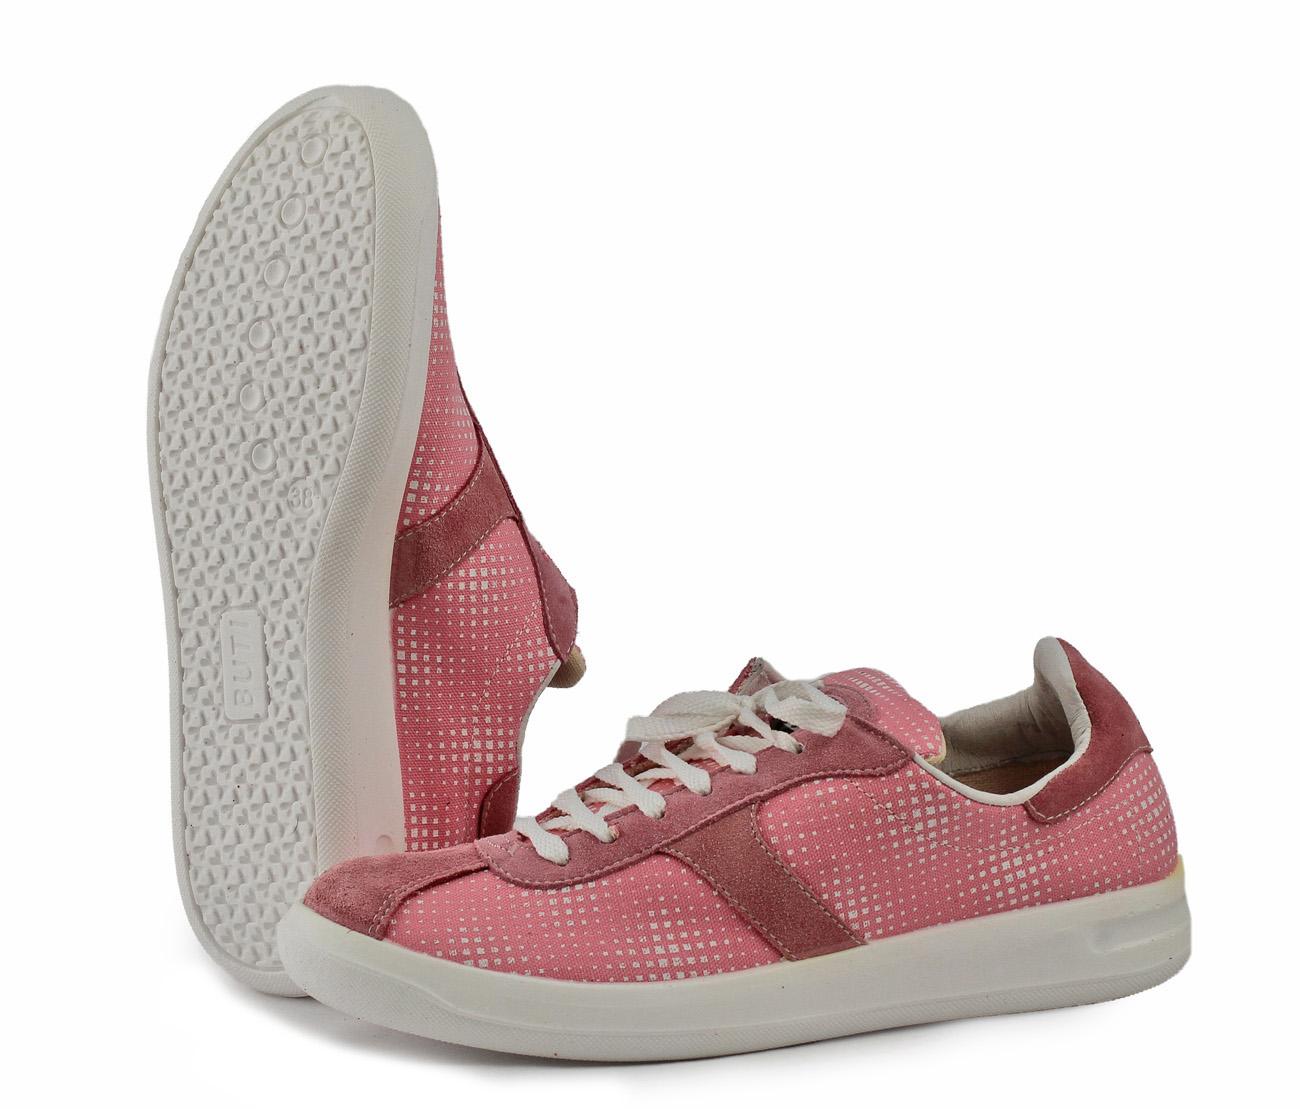 Кроссовки ACTIVE-01 ( женские) (35)Кроссовки<br>Разработки для спортивной обуви удачно <br>воплотились в кроссовках для повседневной <br>носки. Благодаря удобной колодке ноги не <br>устают в течение дня. Полиуретановая подошва <br>отличается надежностью и долговечностью. <br>Каждая пара в индивидуальной упаковке.<br><br>Пол: женский<br>Размер: 35<br>Сезон: лето<br>Цвет: розовый